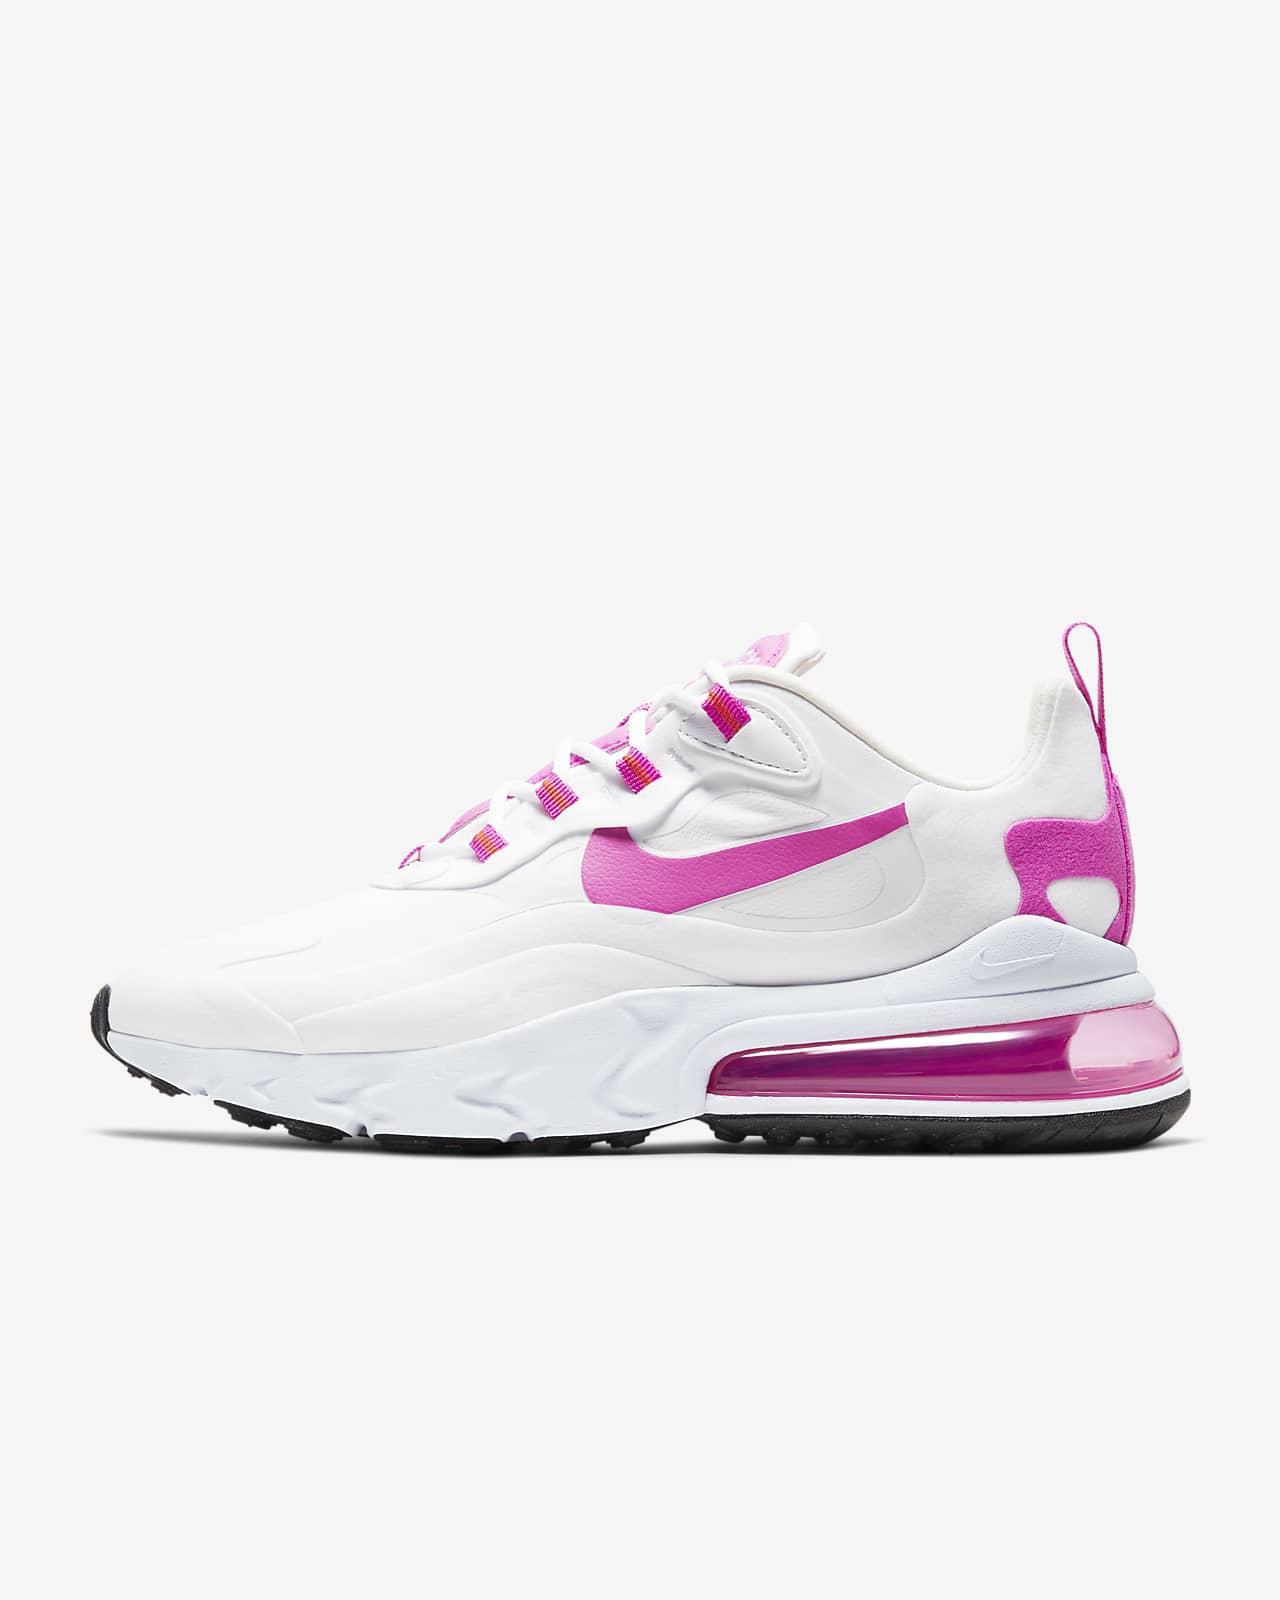 Γυναικείο παπούτσι Nike Air Max 270 React